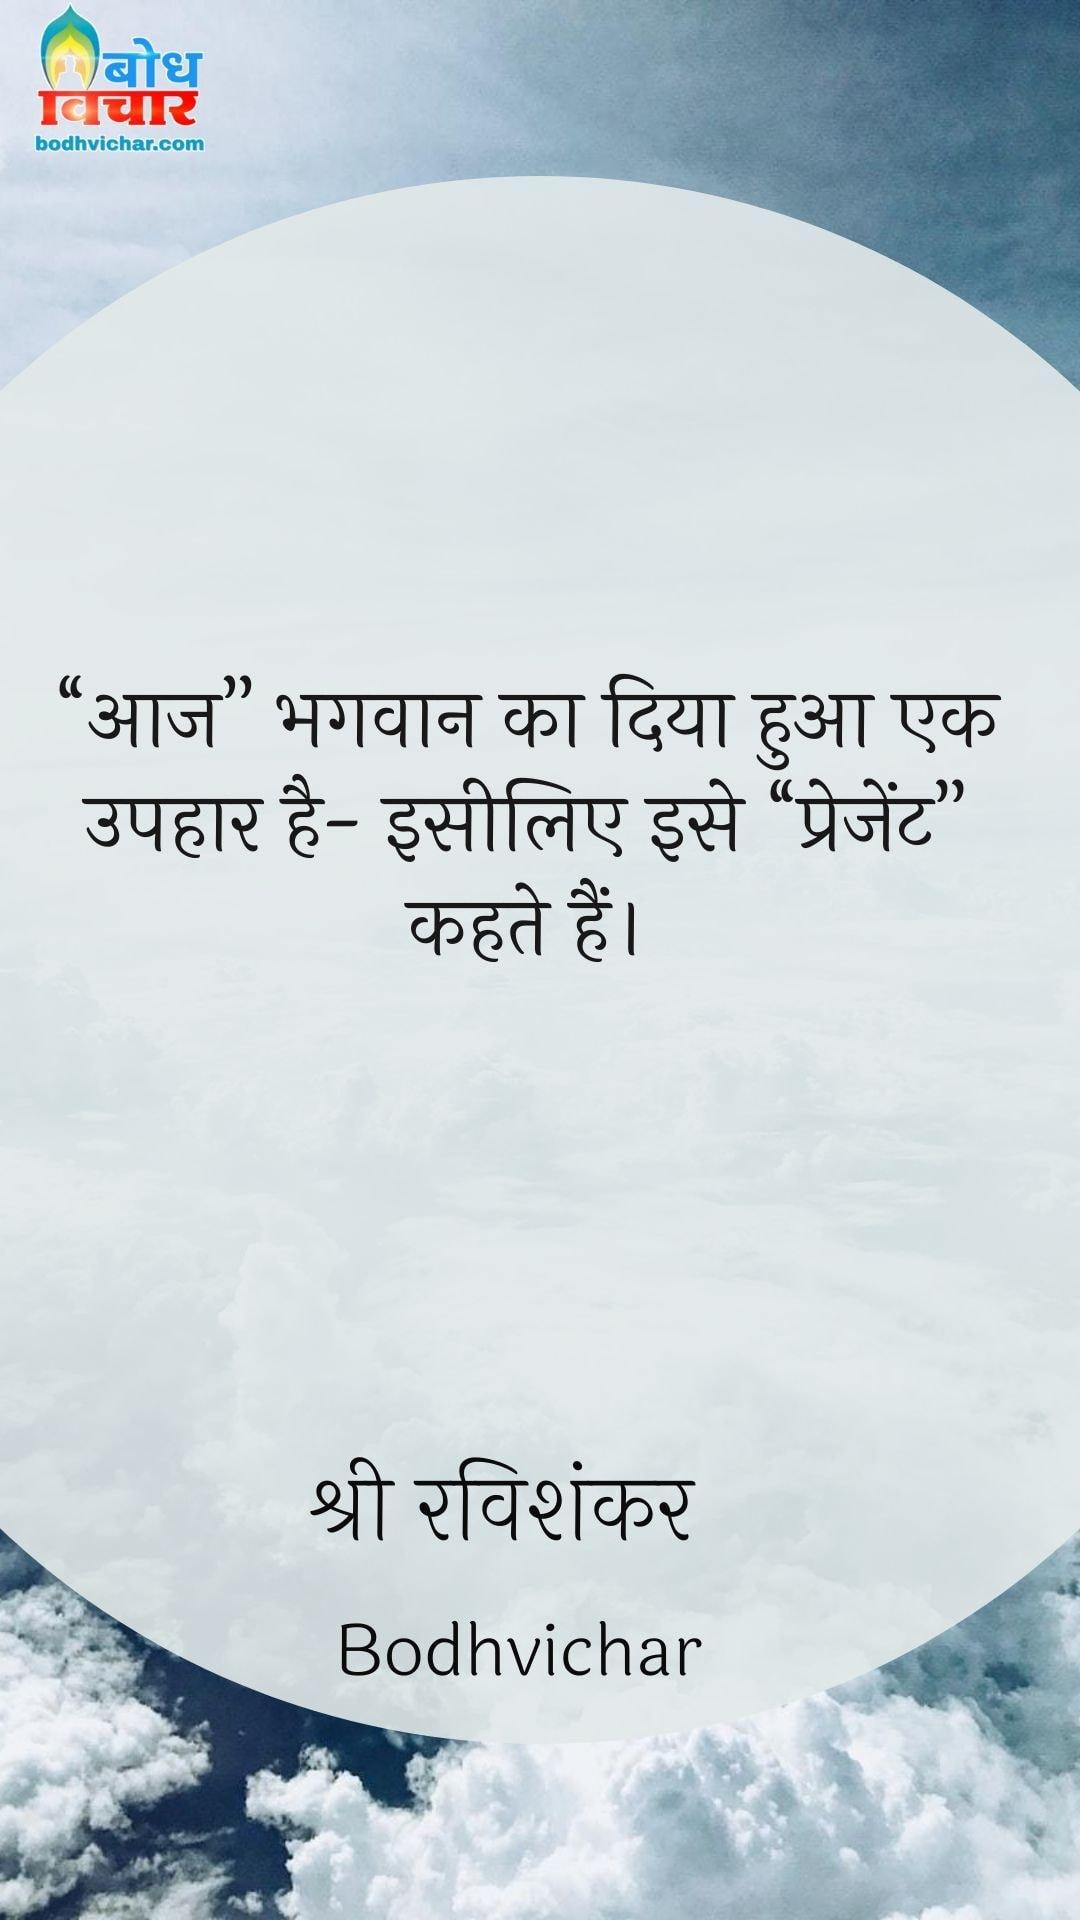 """""""आज"""" भगवान का दिया हुआ एक उपहार है- इसीलिए इसे """"प्रेजेंट"""" कहते हैं। : Aaj bhagwan ka diya ek uphaar hai,isiliye ise """"present"""" kahte hain. - श्री श्री रविशंकर"""